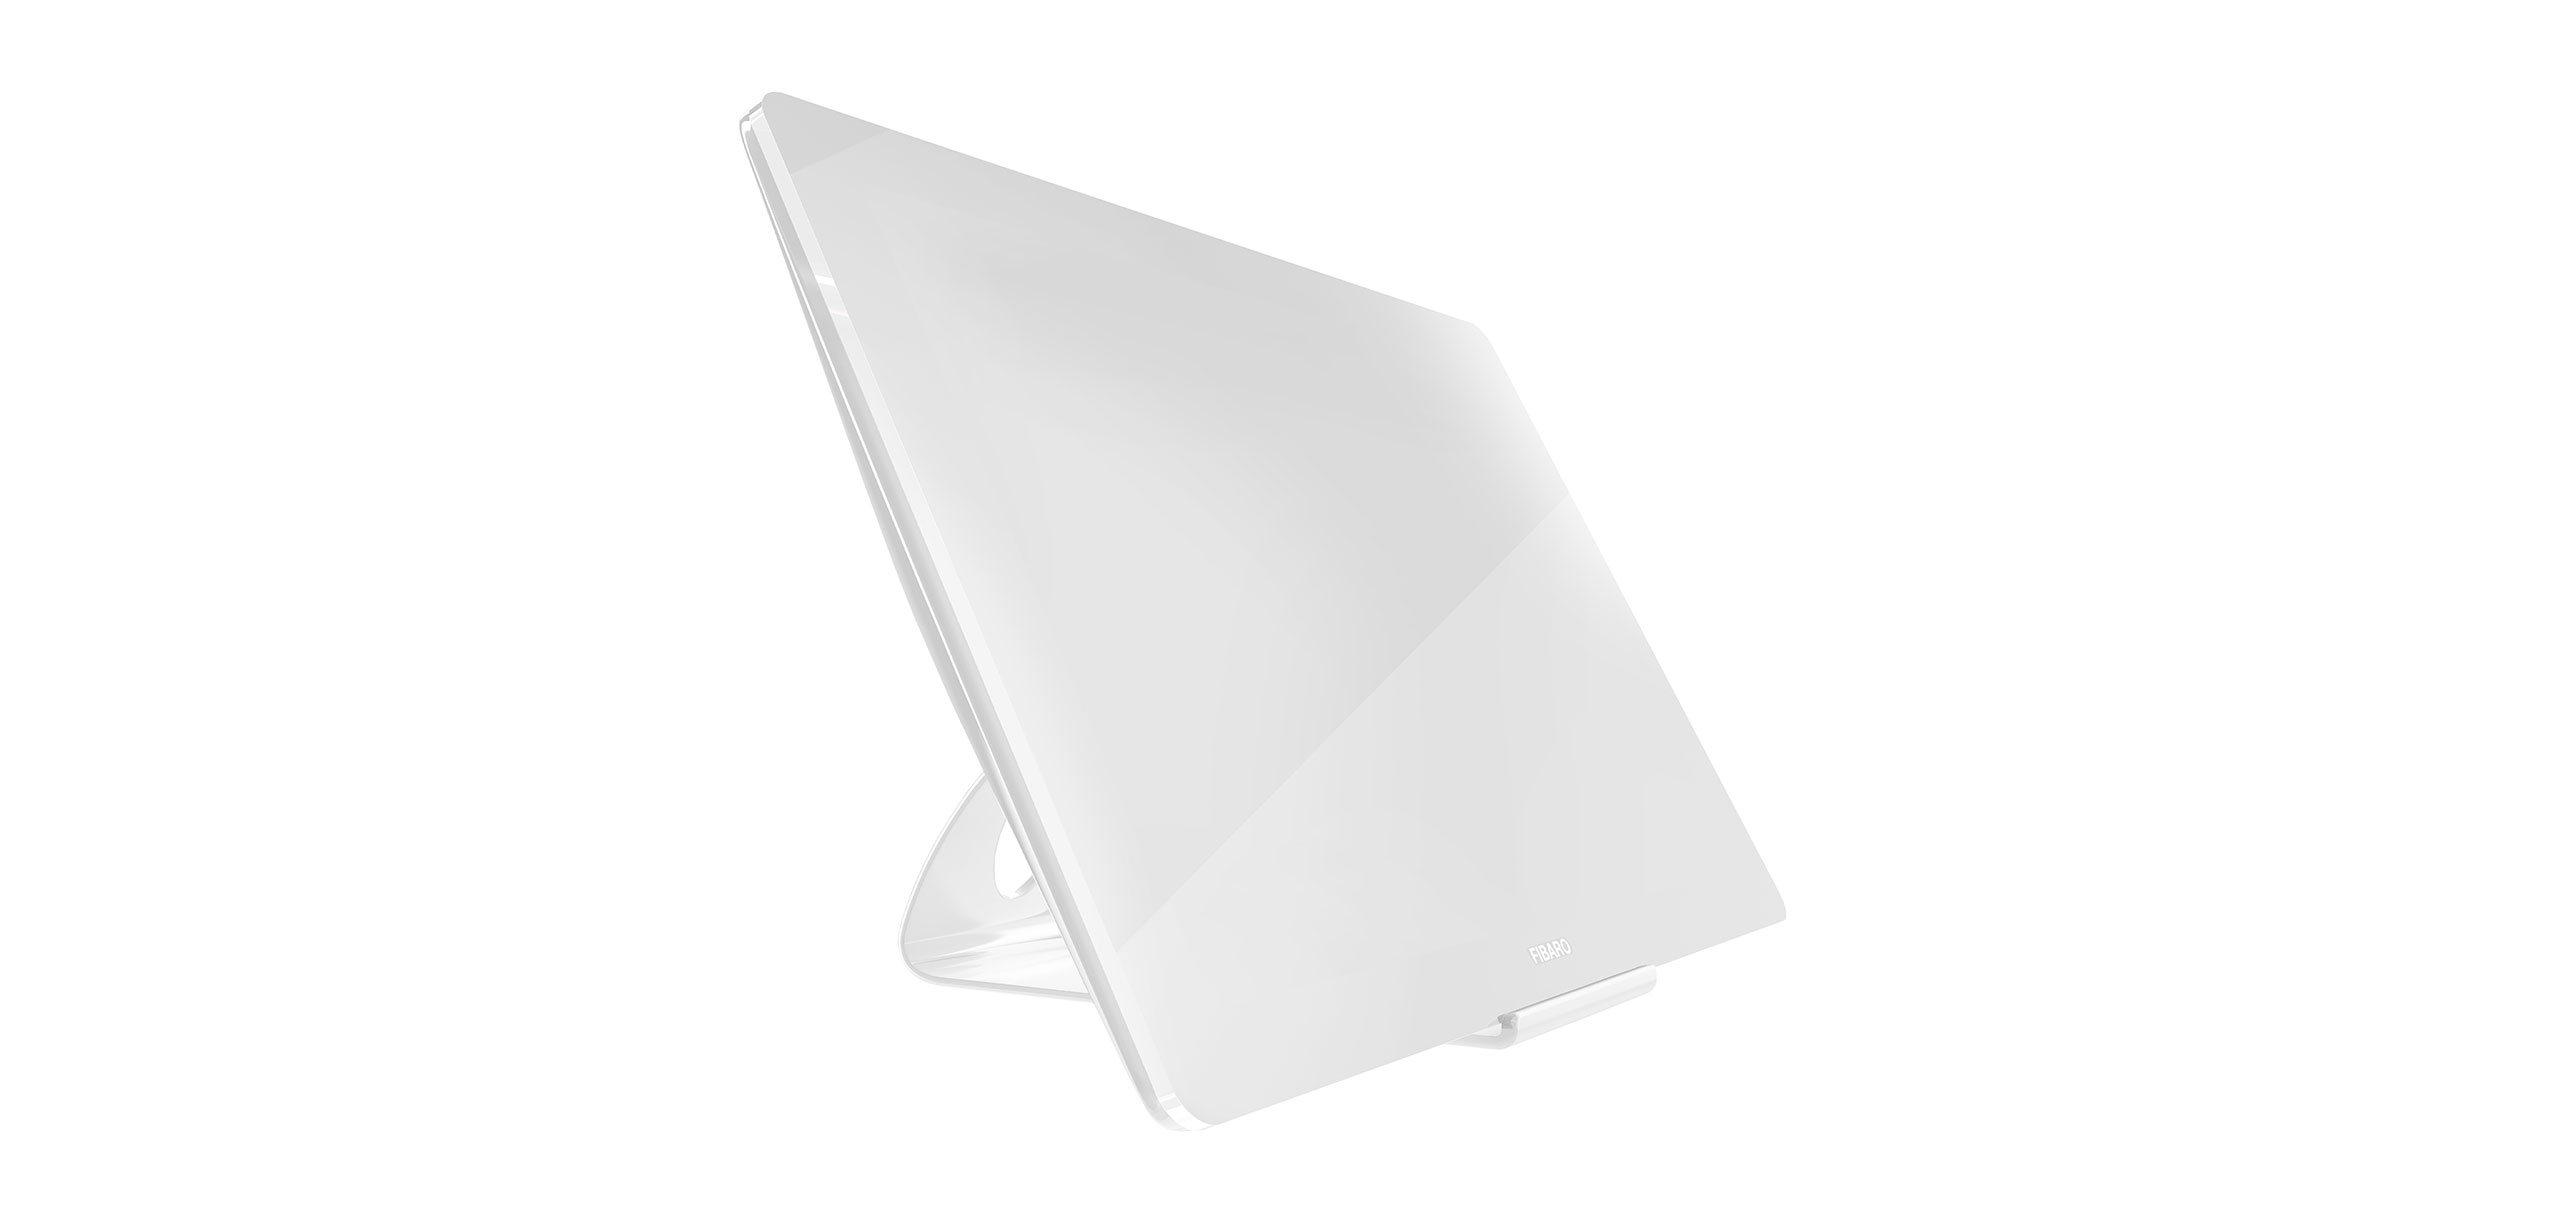 white smart home remote